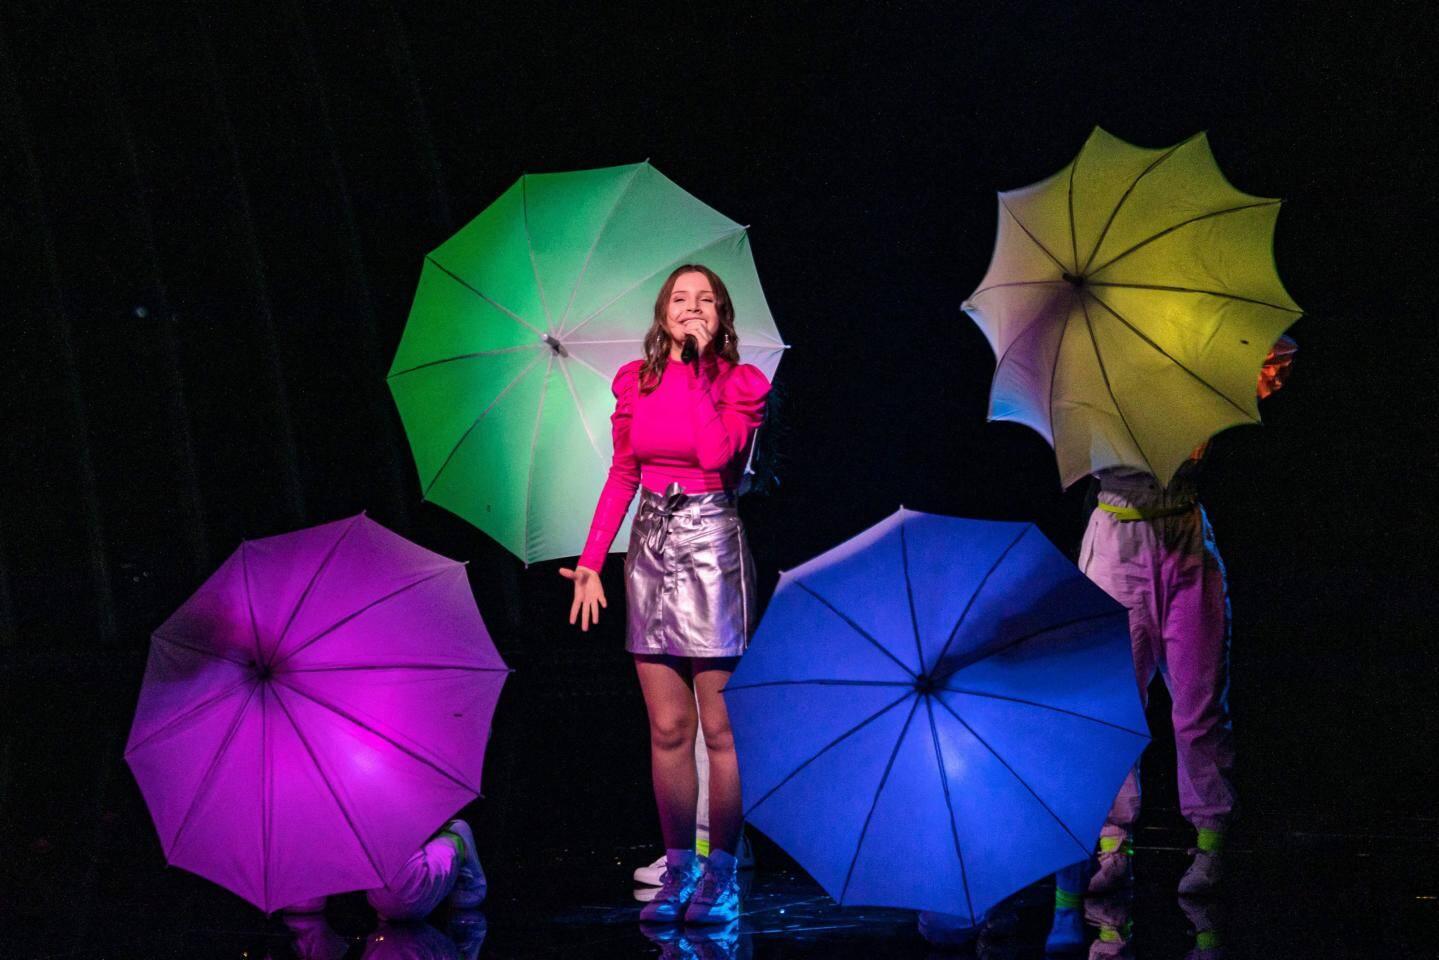 Carla, hier à Gliwice, en Pologne, lors d'une répétition.